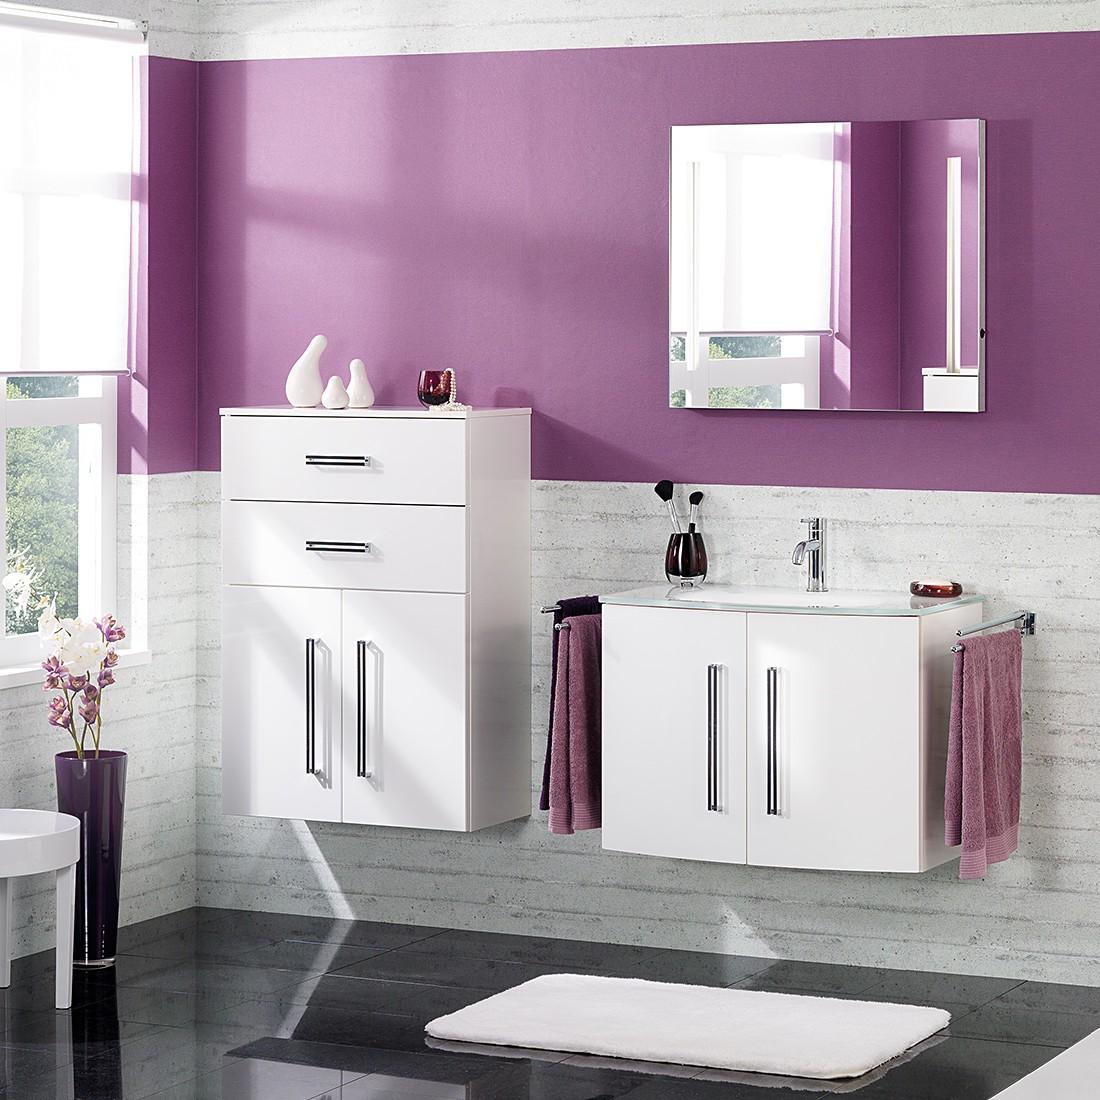 Waschtisch Lugano II – Hochglanz Weiß – Mit Türen – Glasbecken, Fackelmann online bestellen